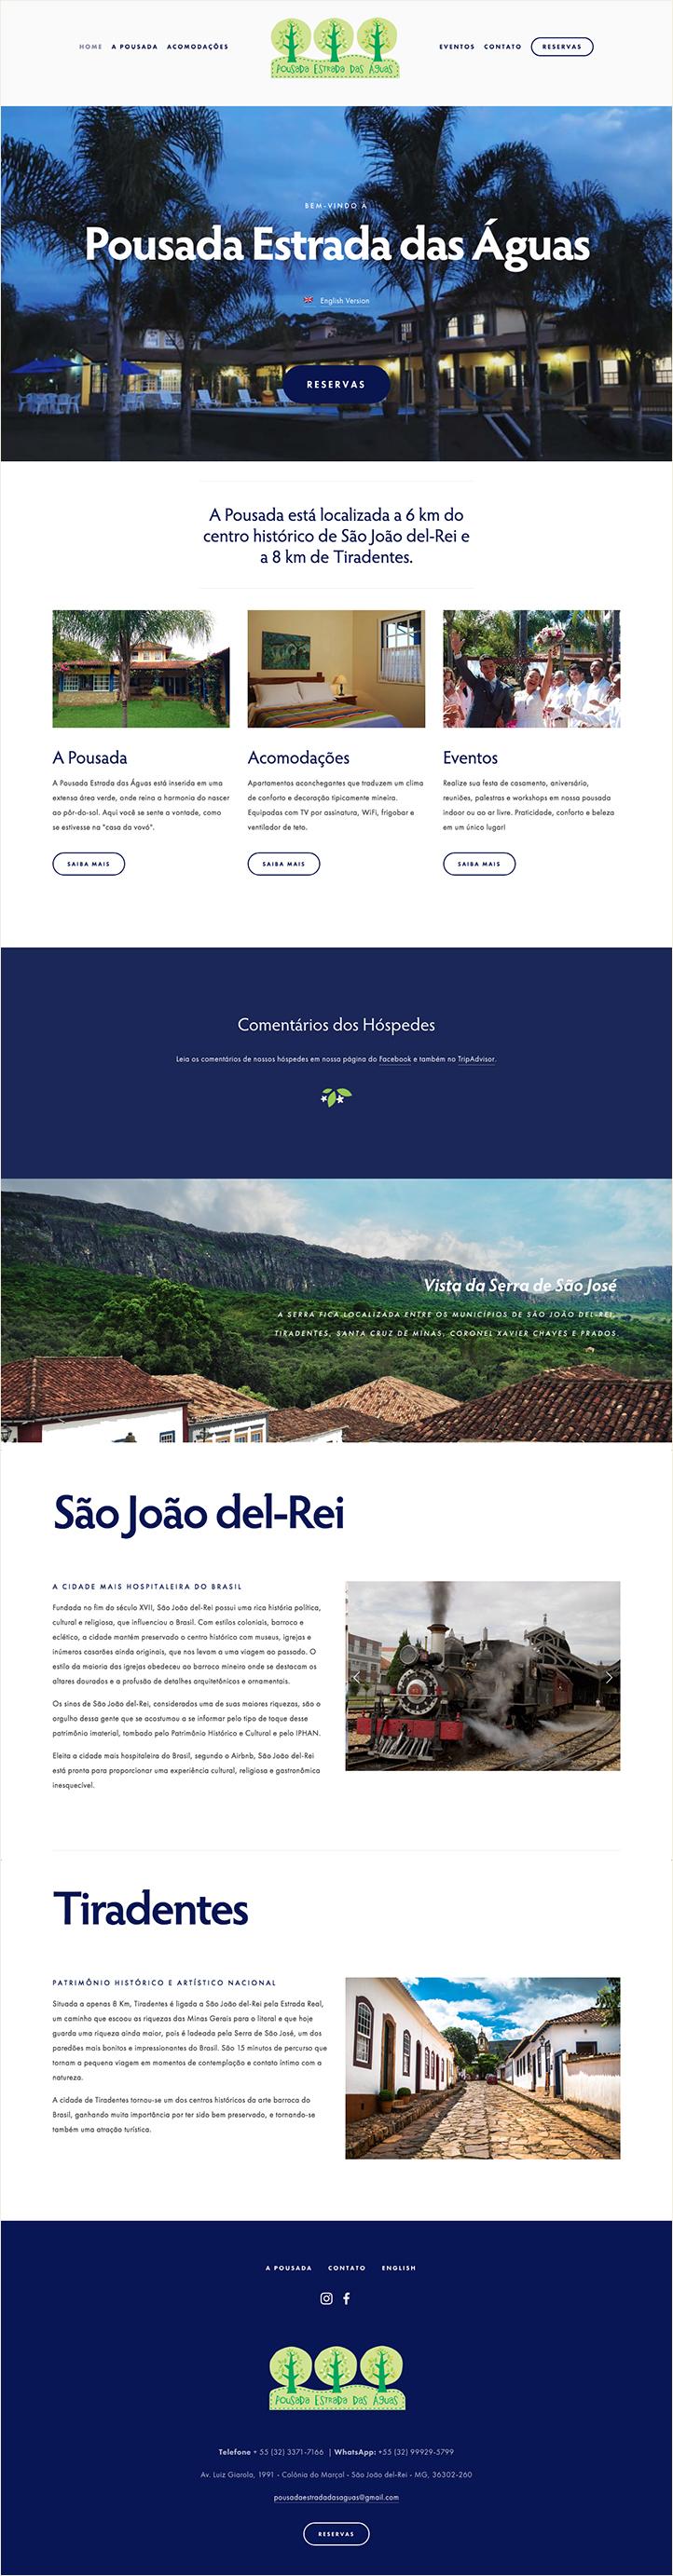 Pousada Estrada das Aguas Homepage.jpg